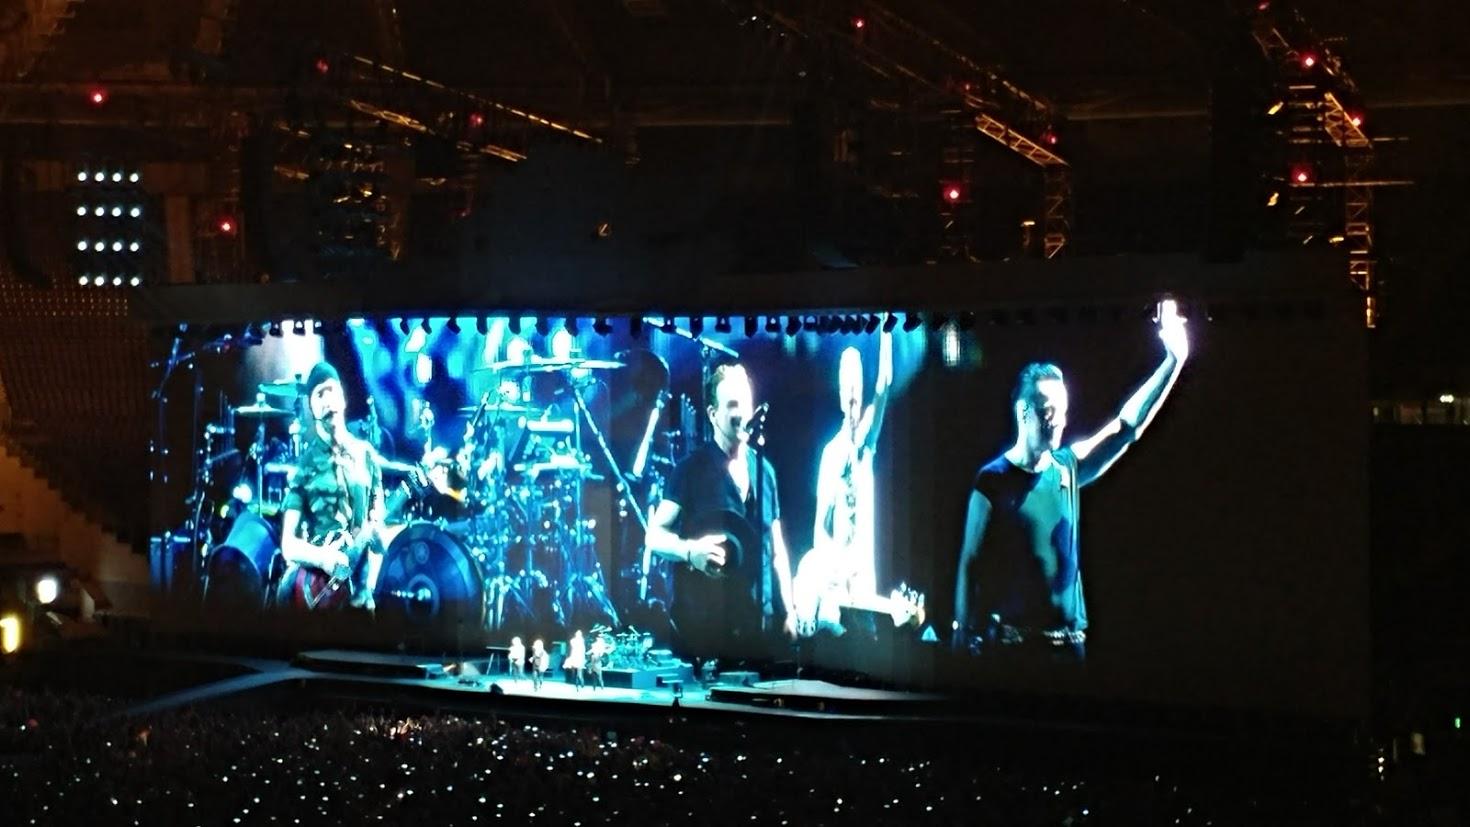 הופעה חיה של להקת U2 ברומא